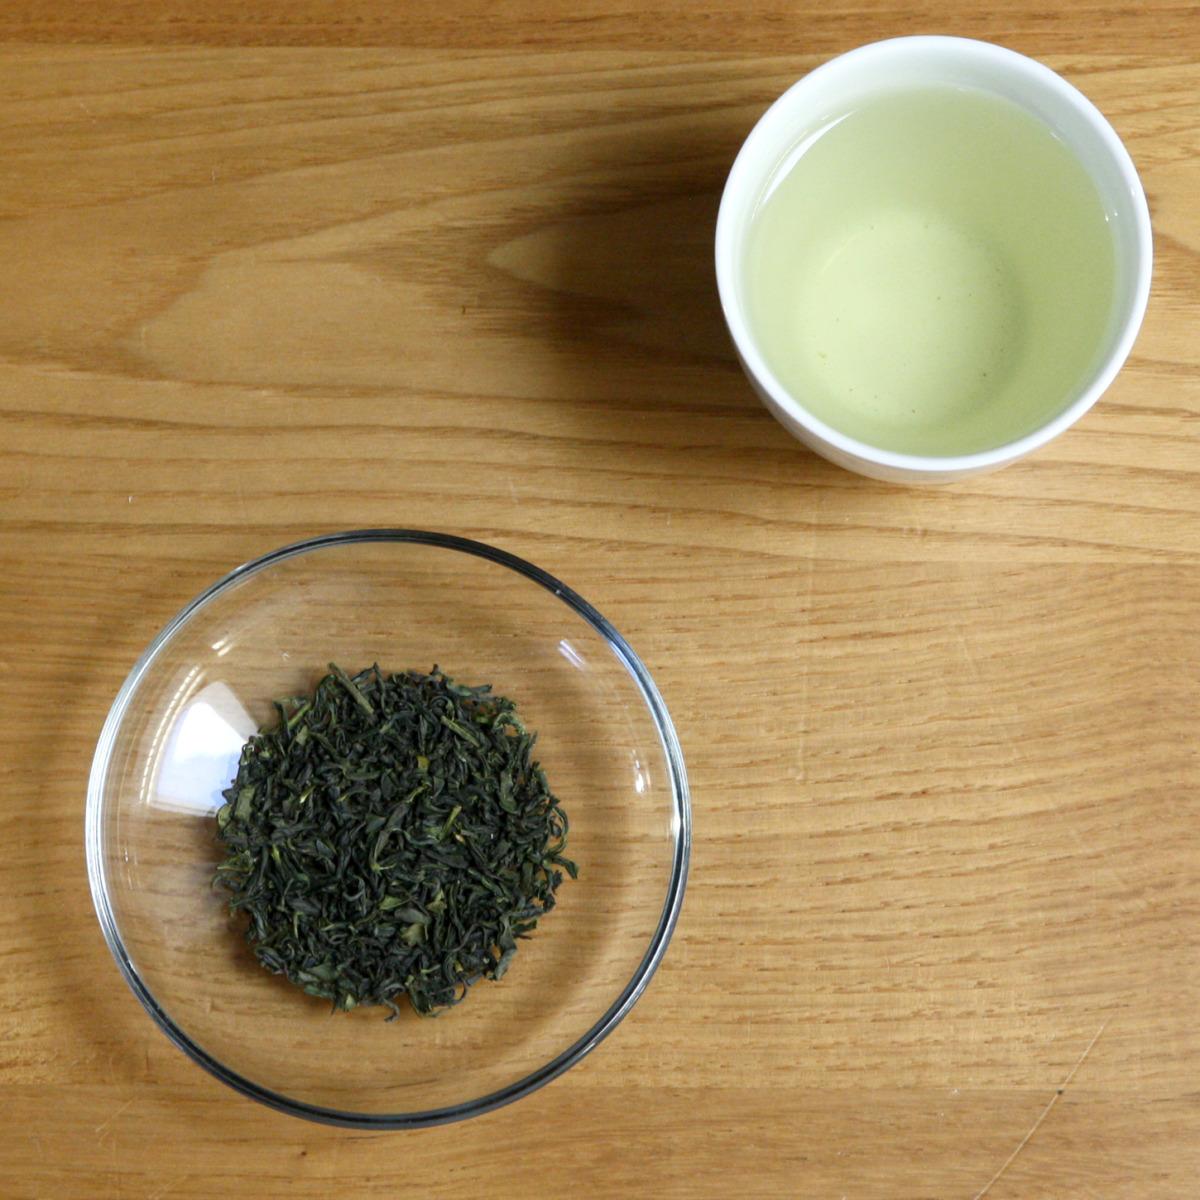 自然茶 熊本その土地に根差した風味 在来種釜炒り製